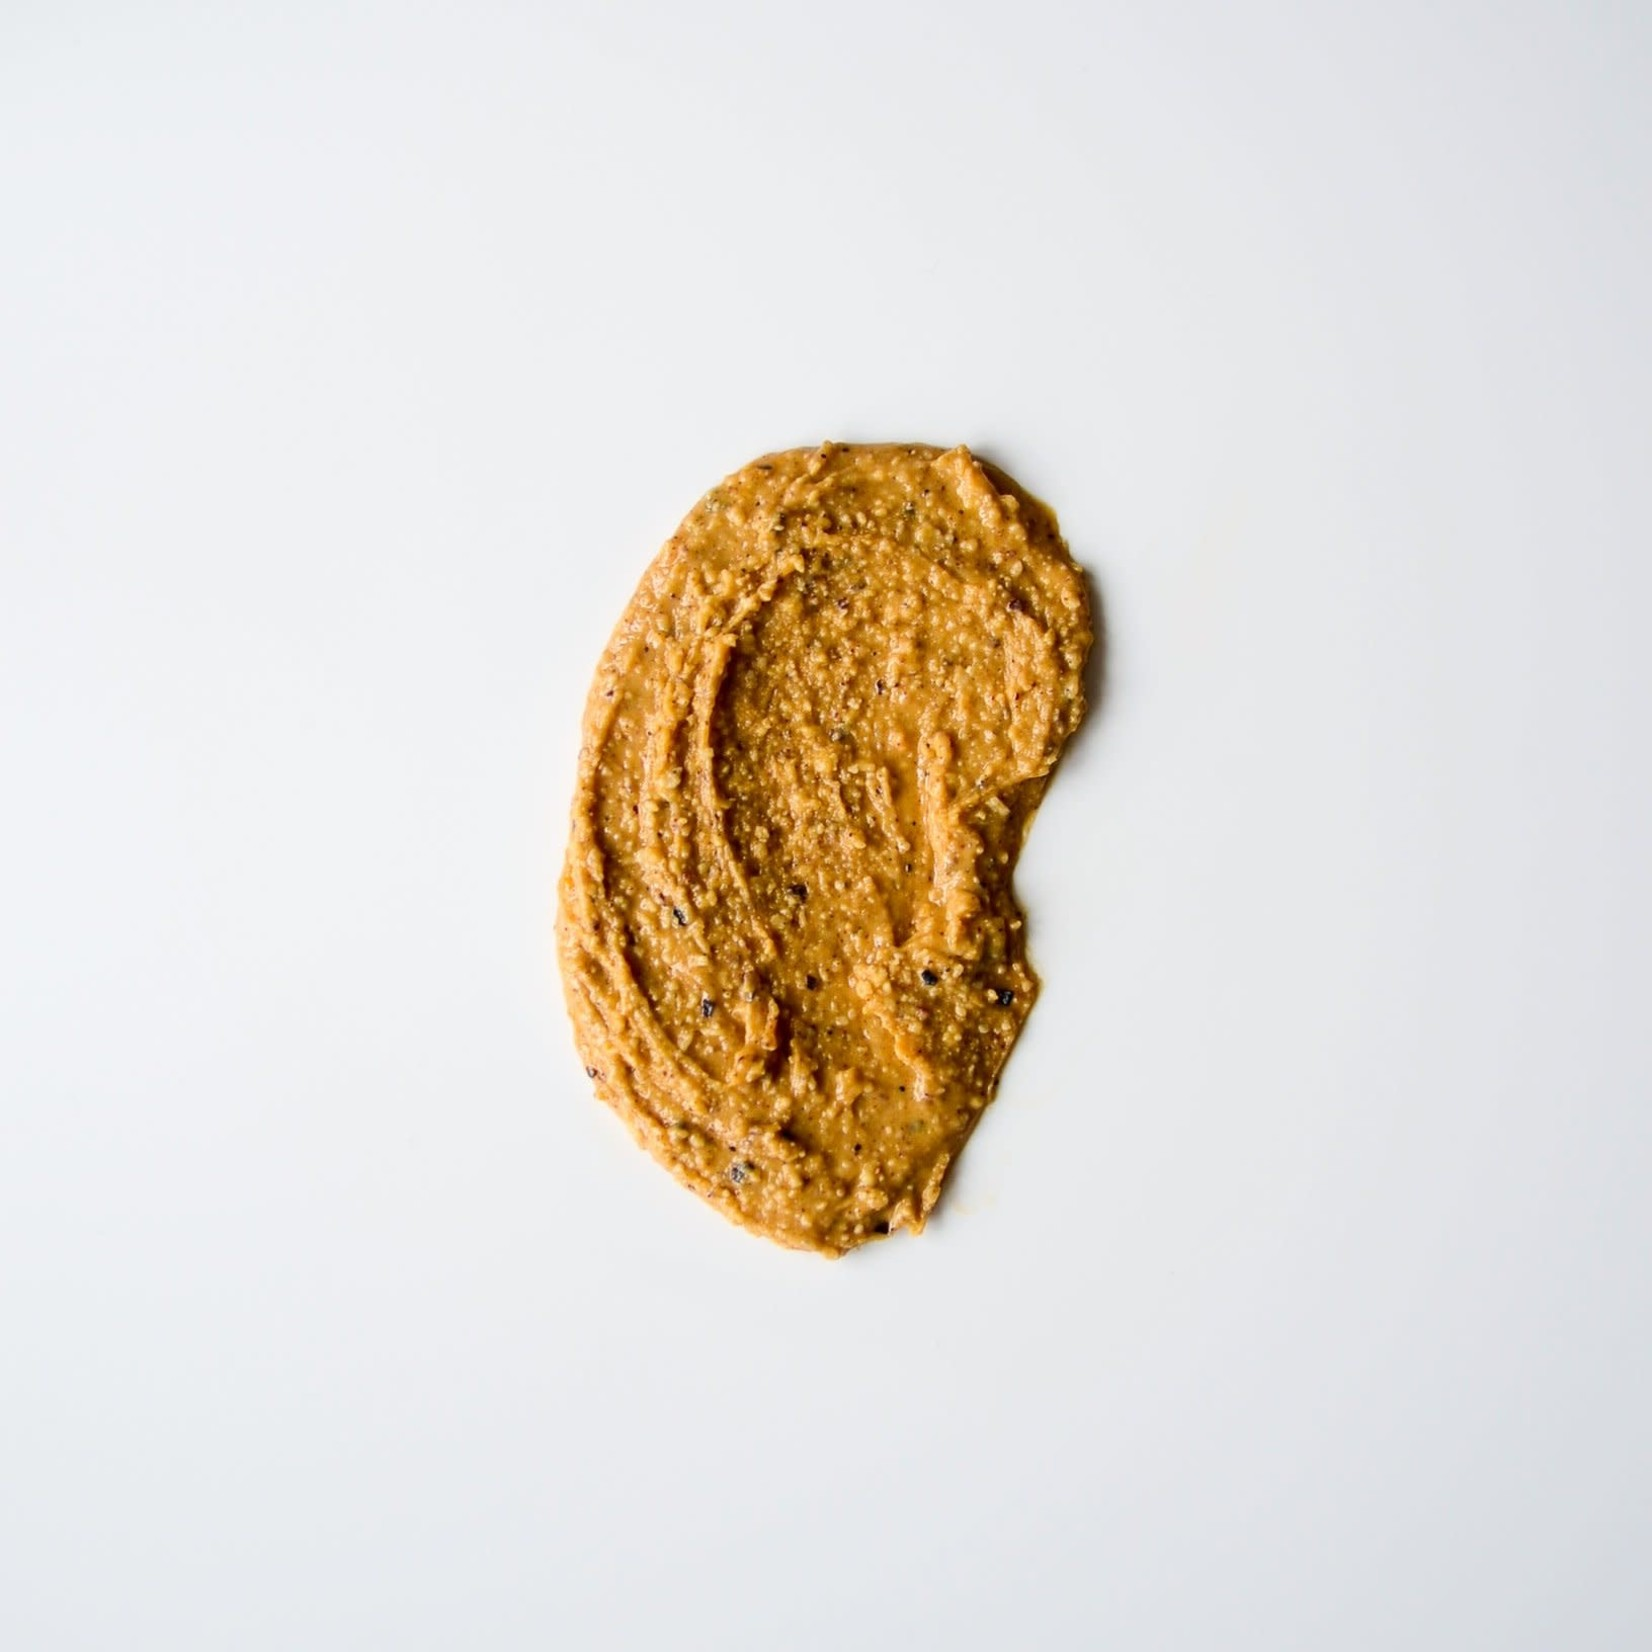 Logan petit lot LOGAN PETIT LOT / Beurre d'arachides - chipotle